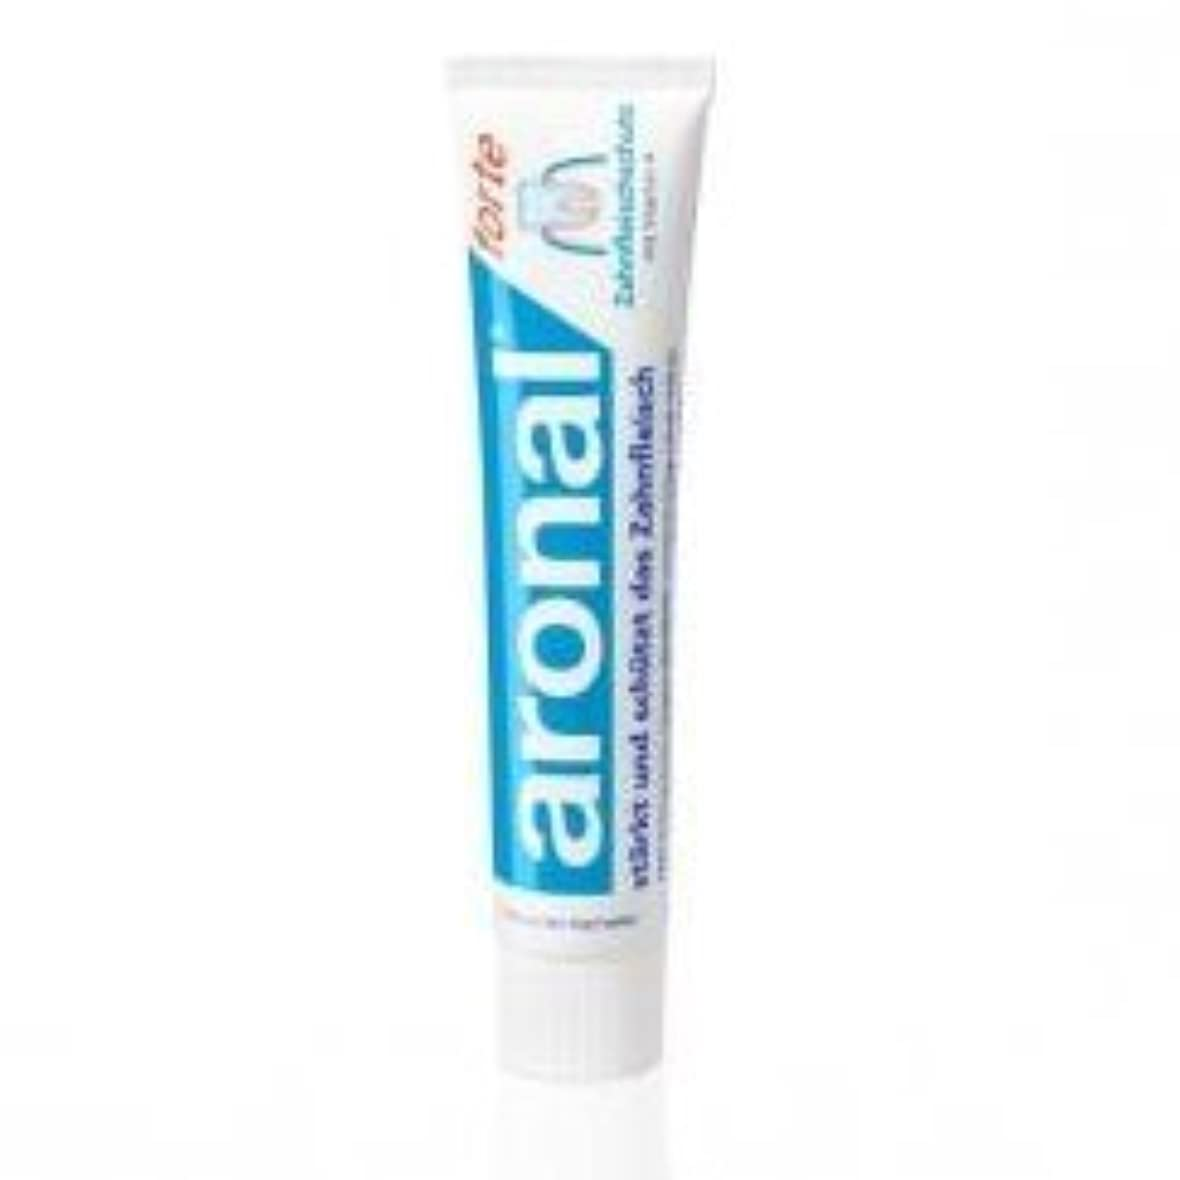 はねかける習熟度祭りアロナール(ビタミンA配合) 歯磨き粉 75ml x 1Pack (elmex aronal toothpaste 75ml) 【並行輸入品】